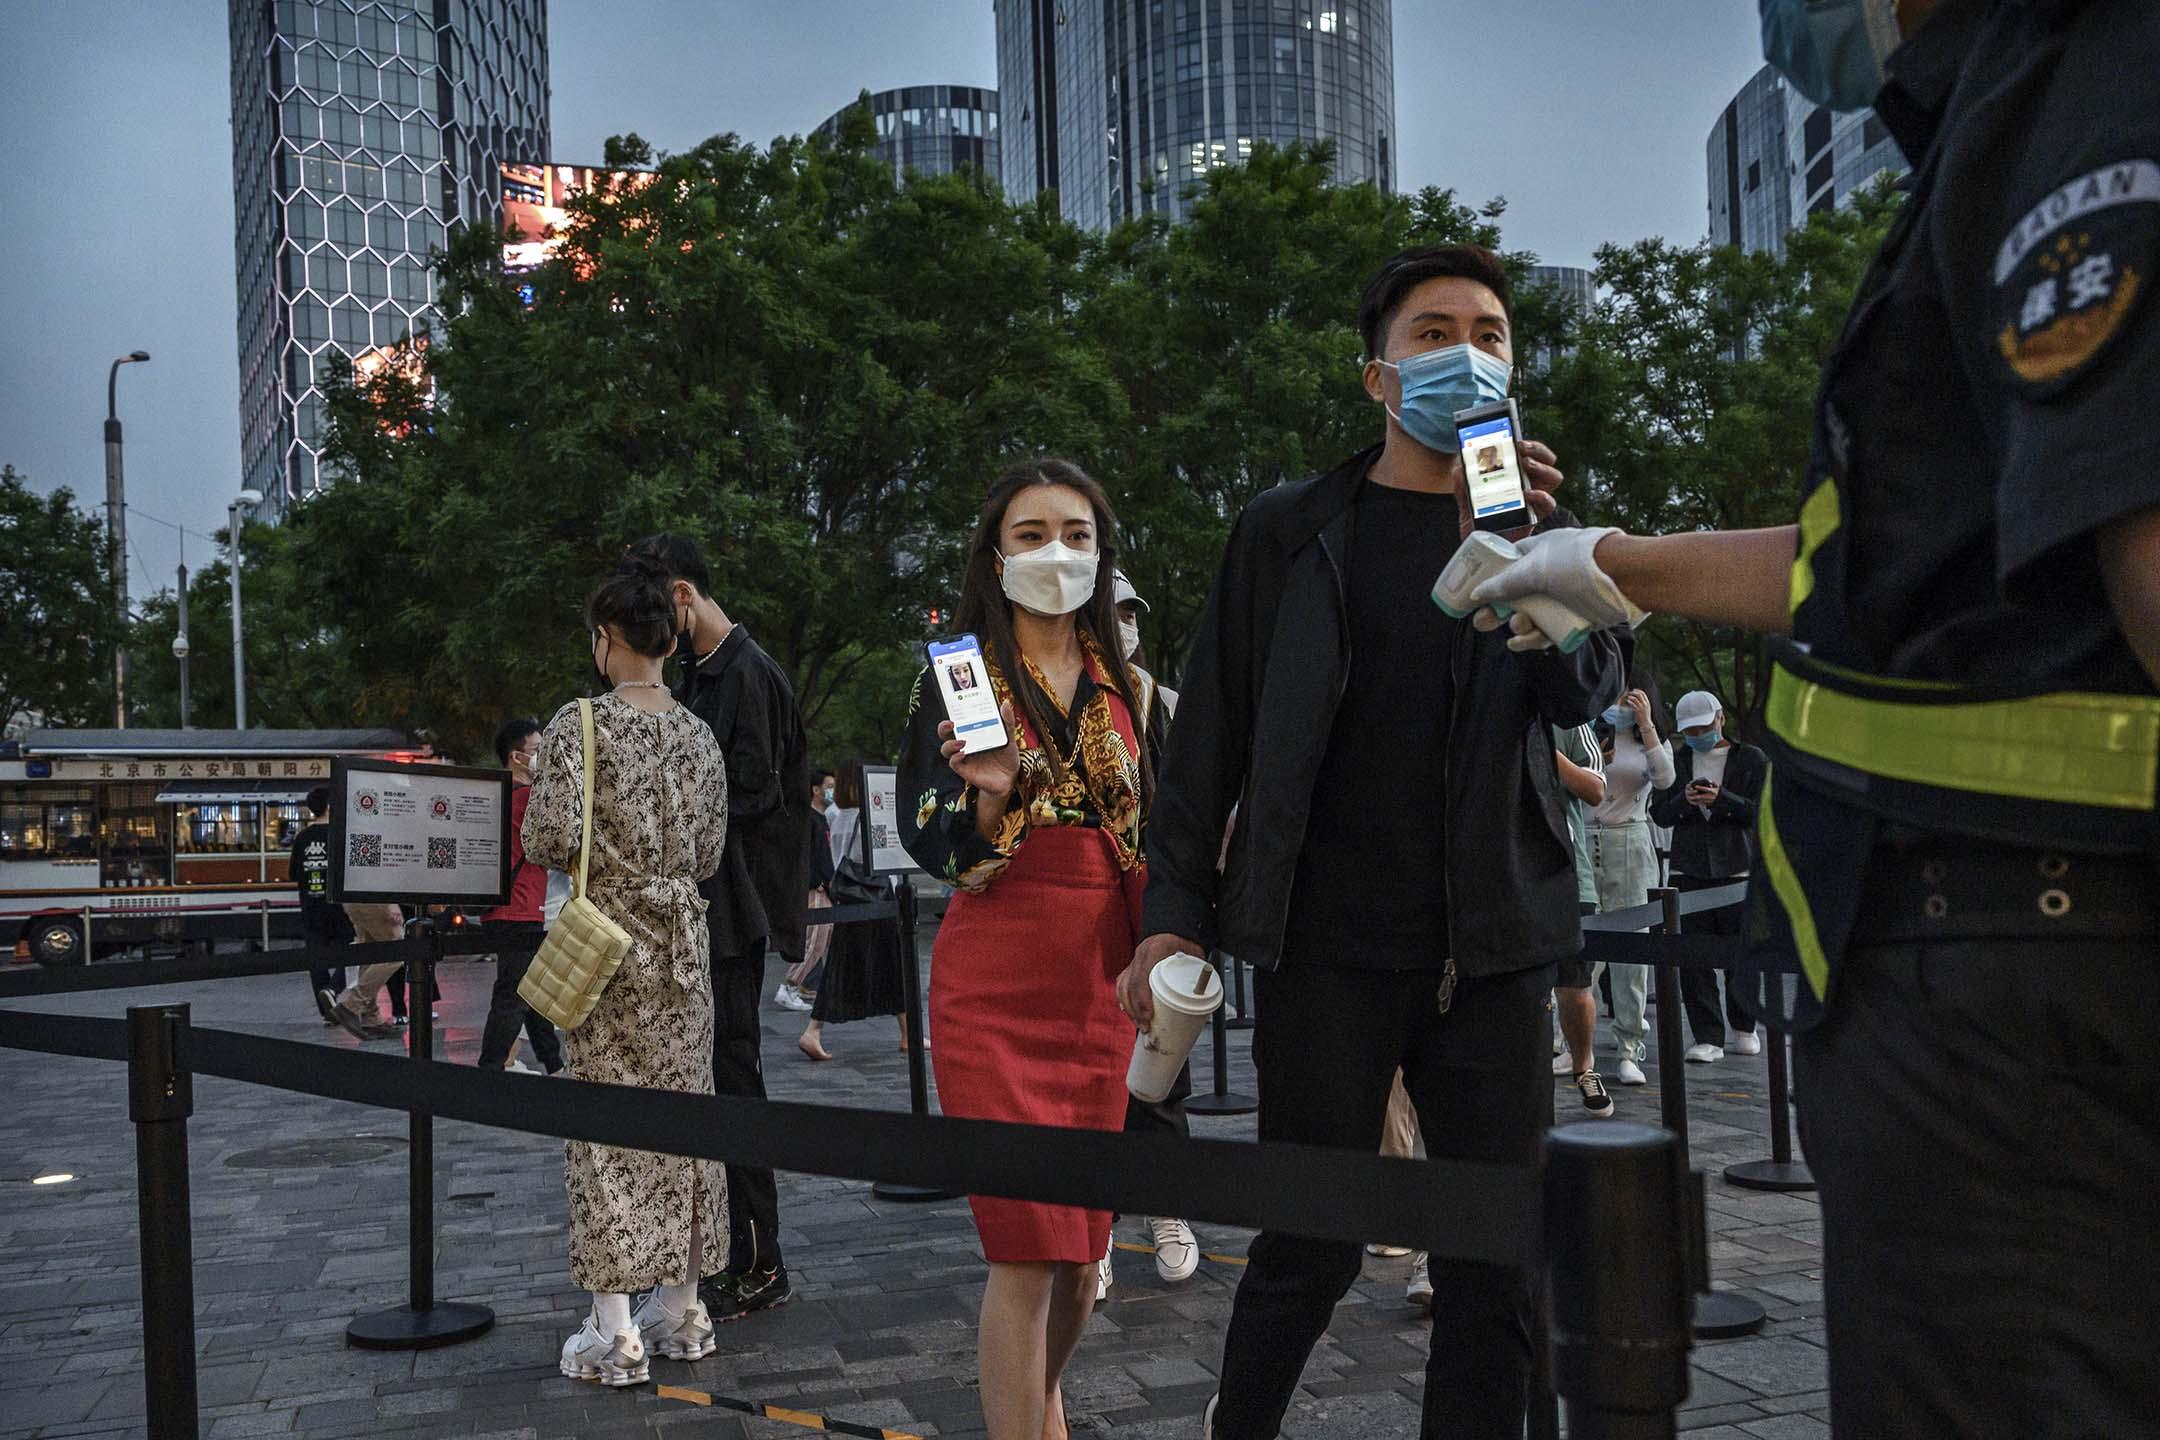 2020年5月3日北京,一名中國男人和婦女在假期期間,於進入購物中心前,一名警衛查看他們的健康碼。